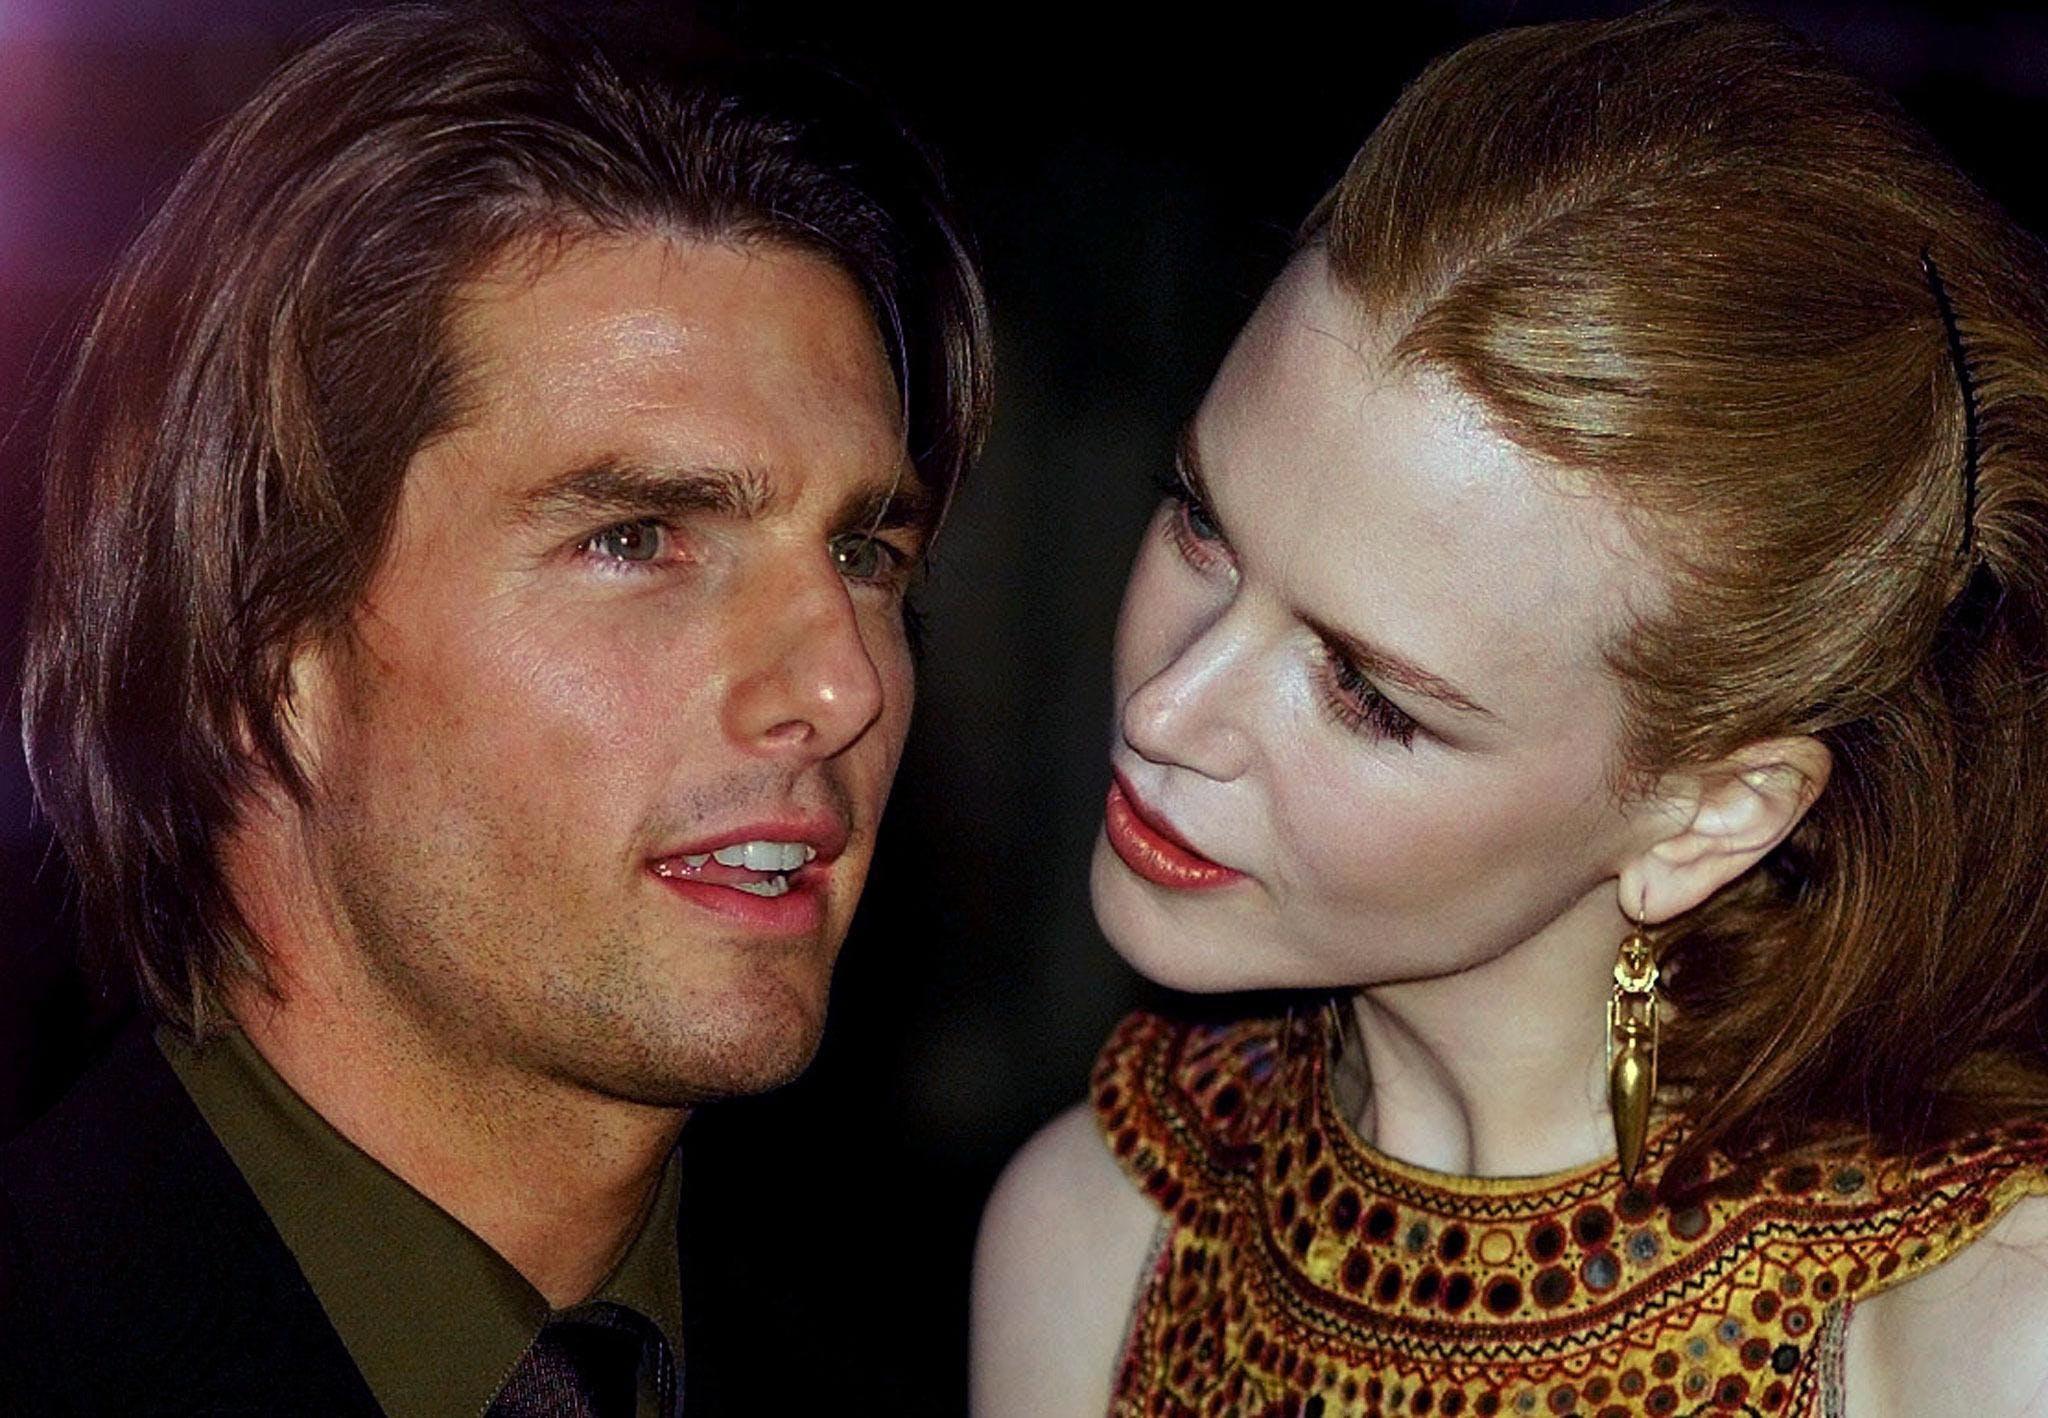 Nicole Kidman: Eyes Wide Shut